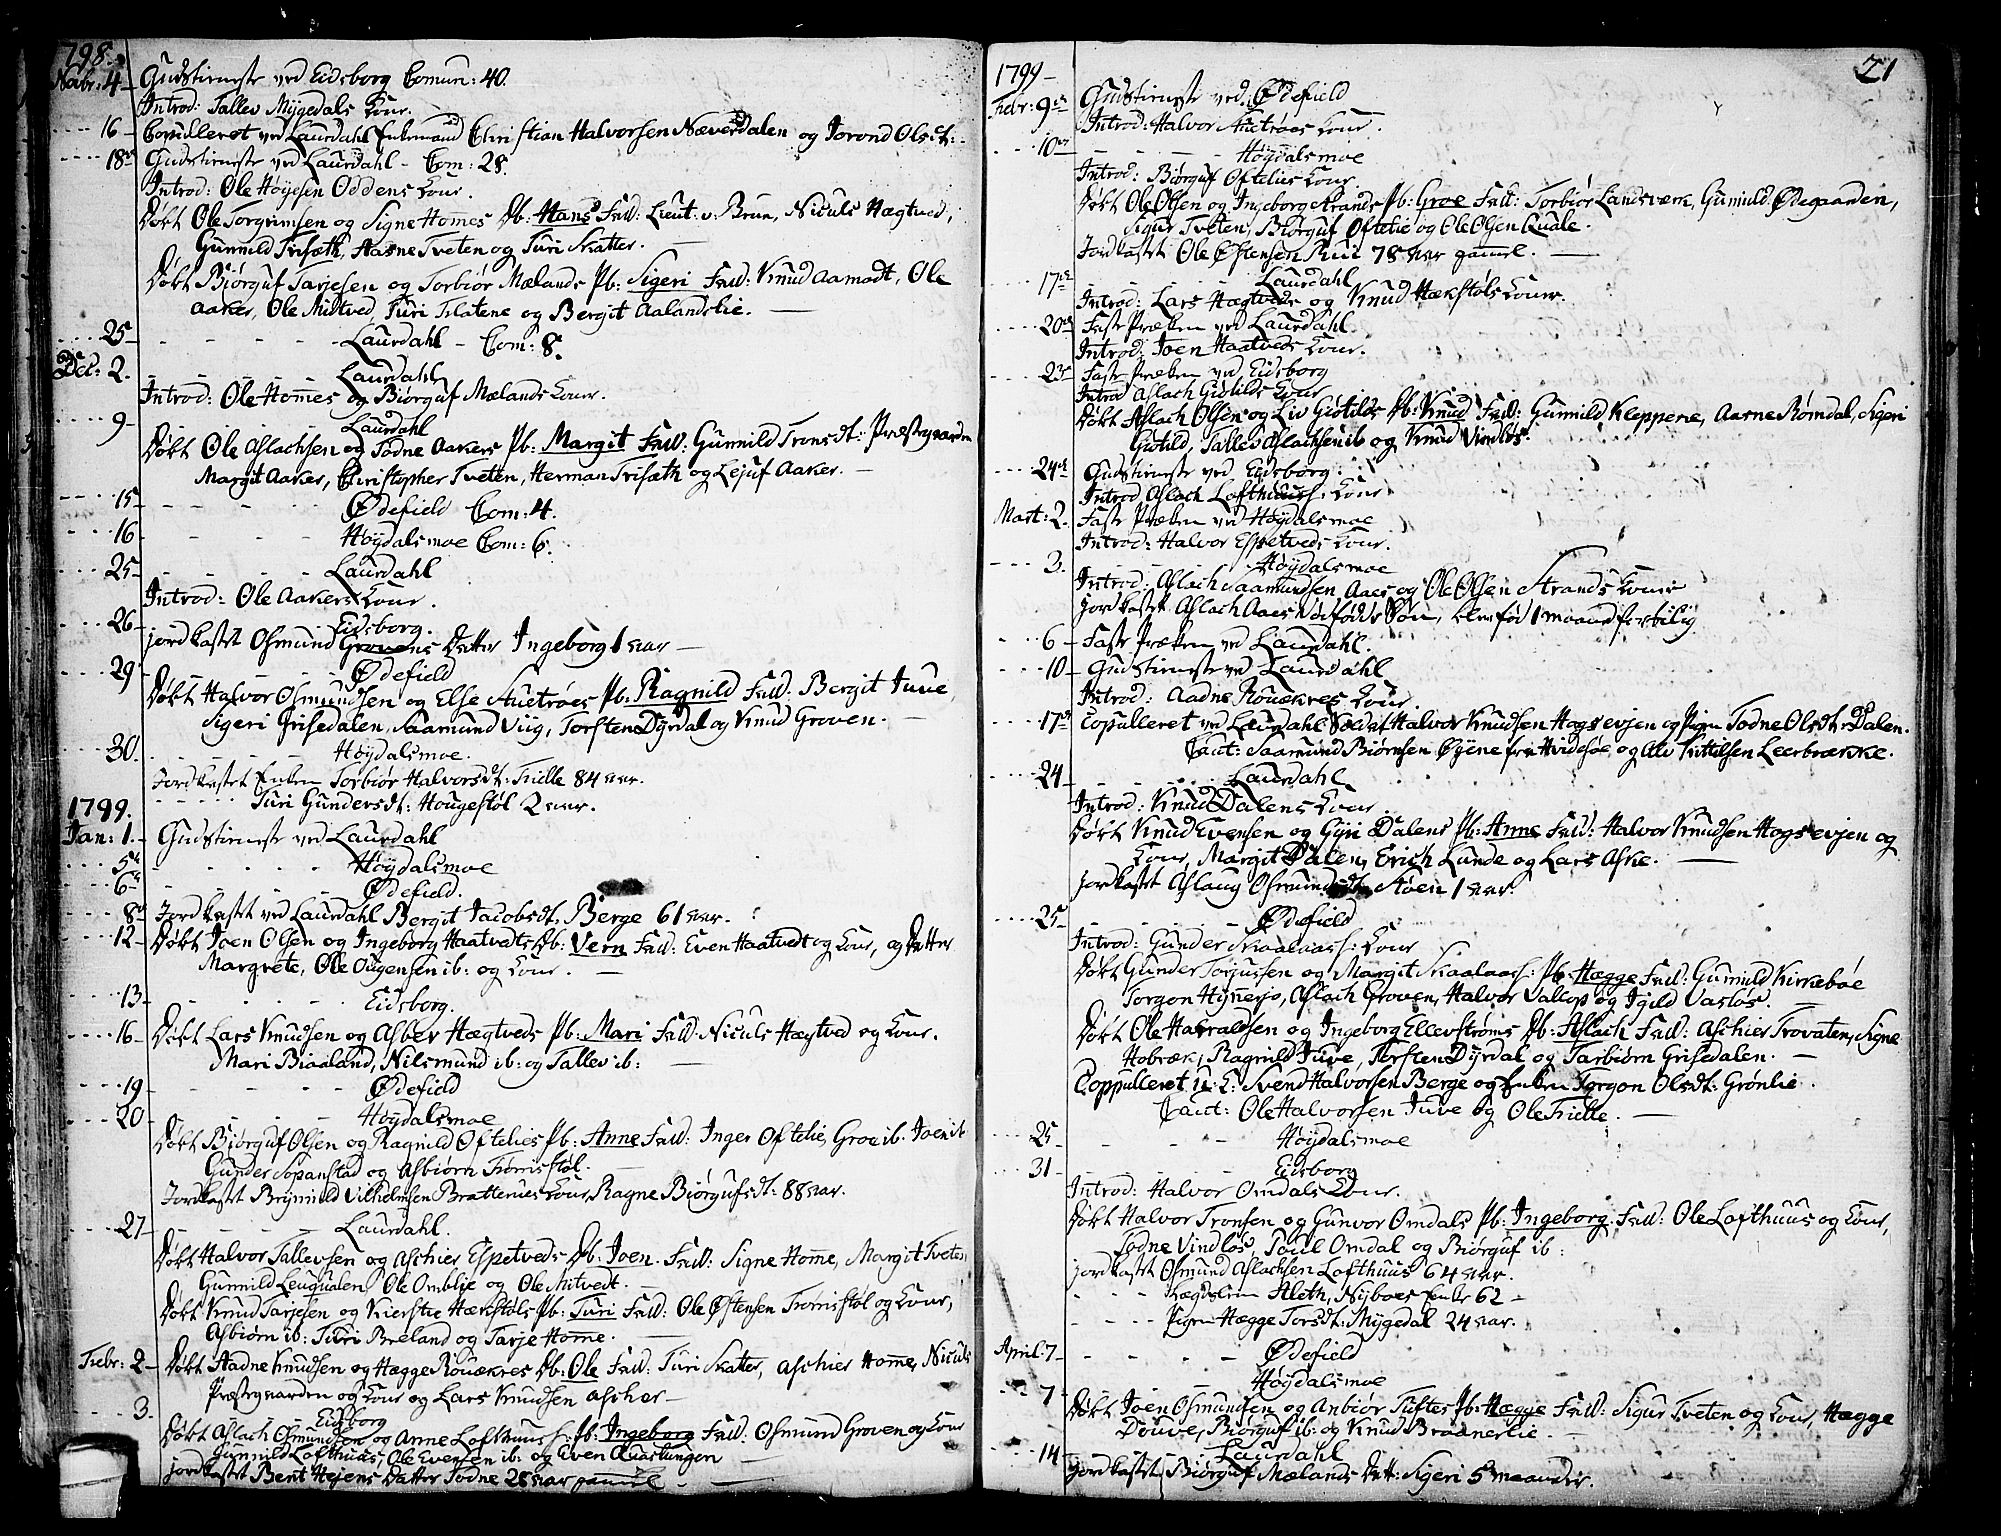 SAKO, Lårdal kirkebøker, F/Fa/L0004: Ministerialbok nr. I 4, 1790-1814, s. 21